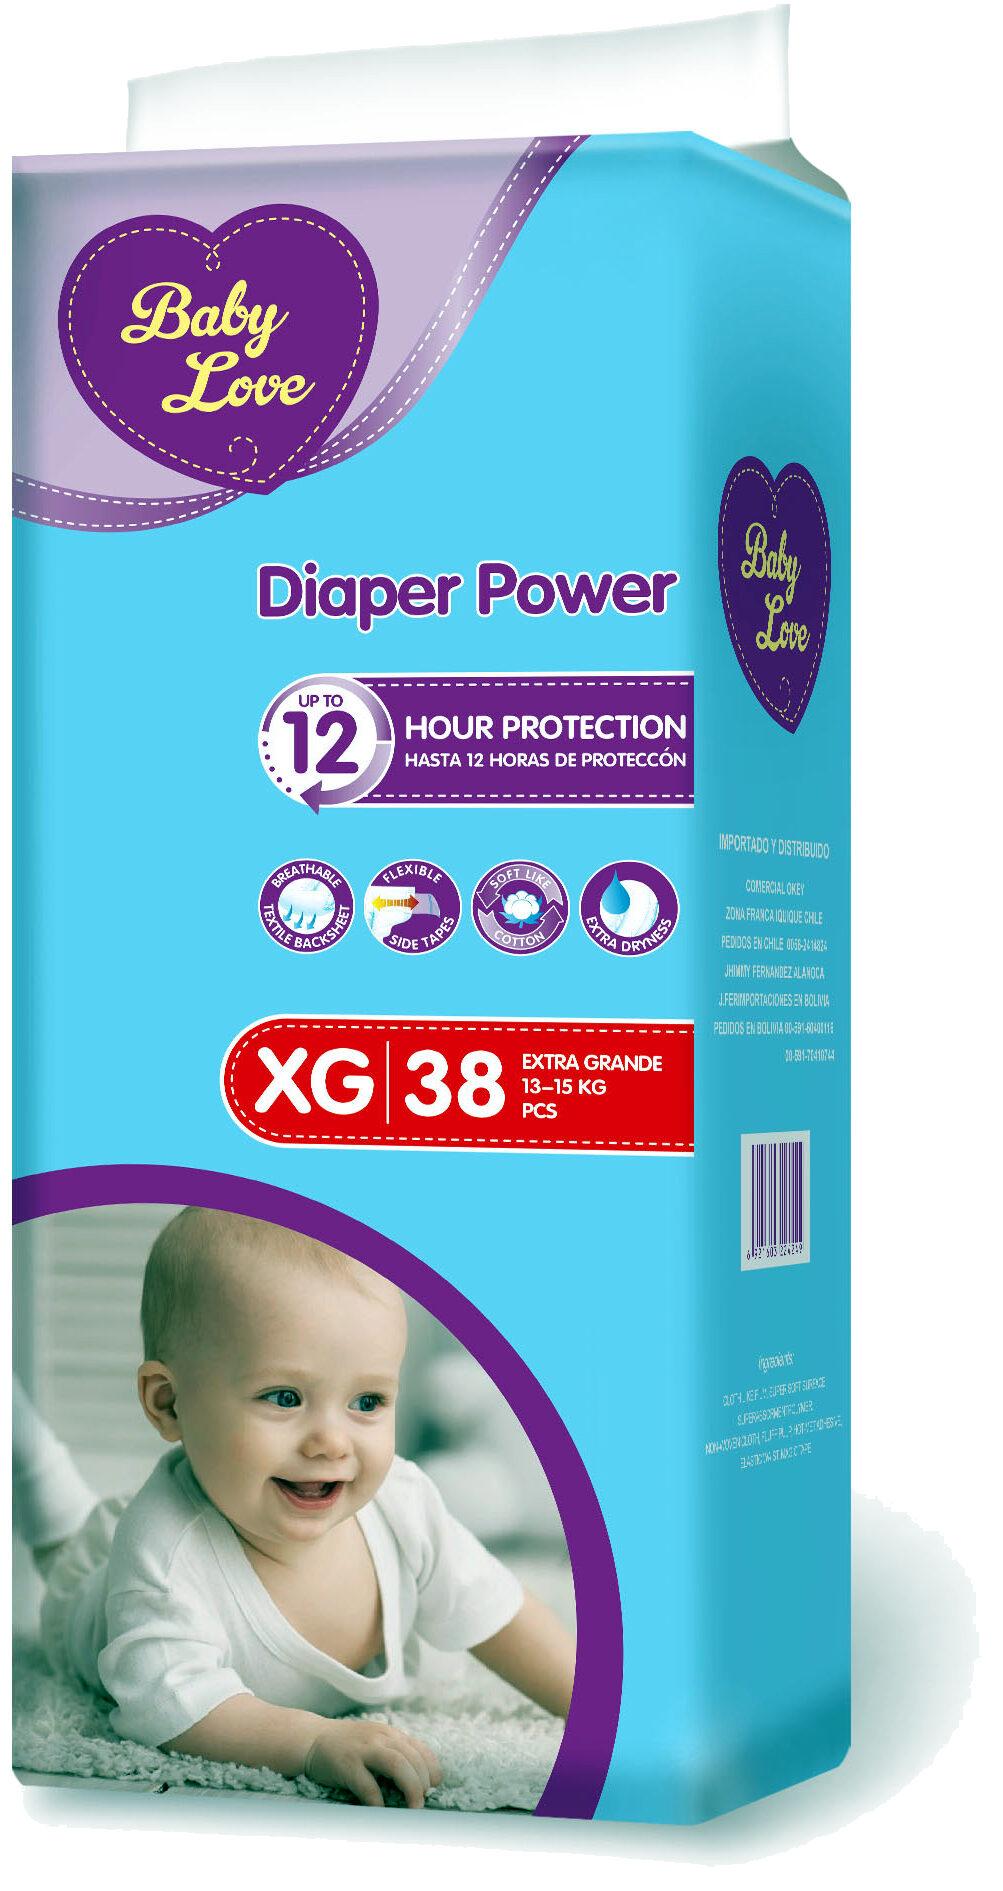 Pañales desechables XG - Product - es